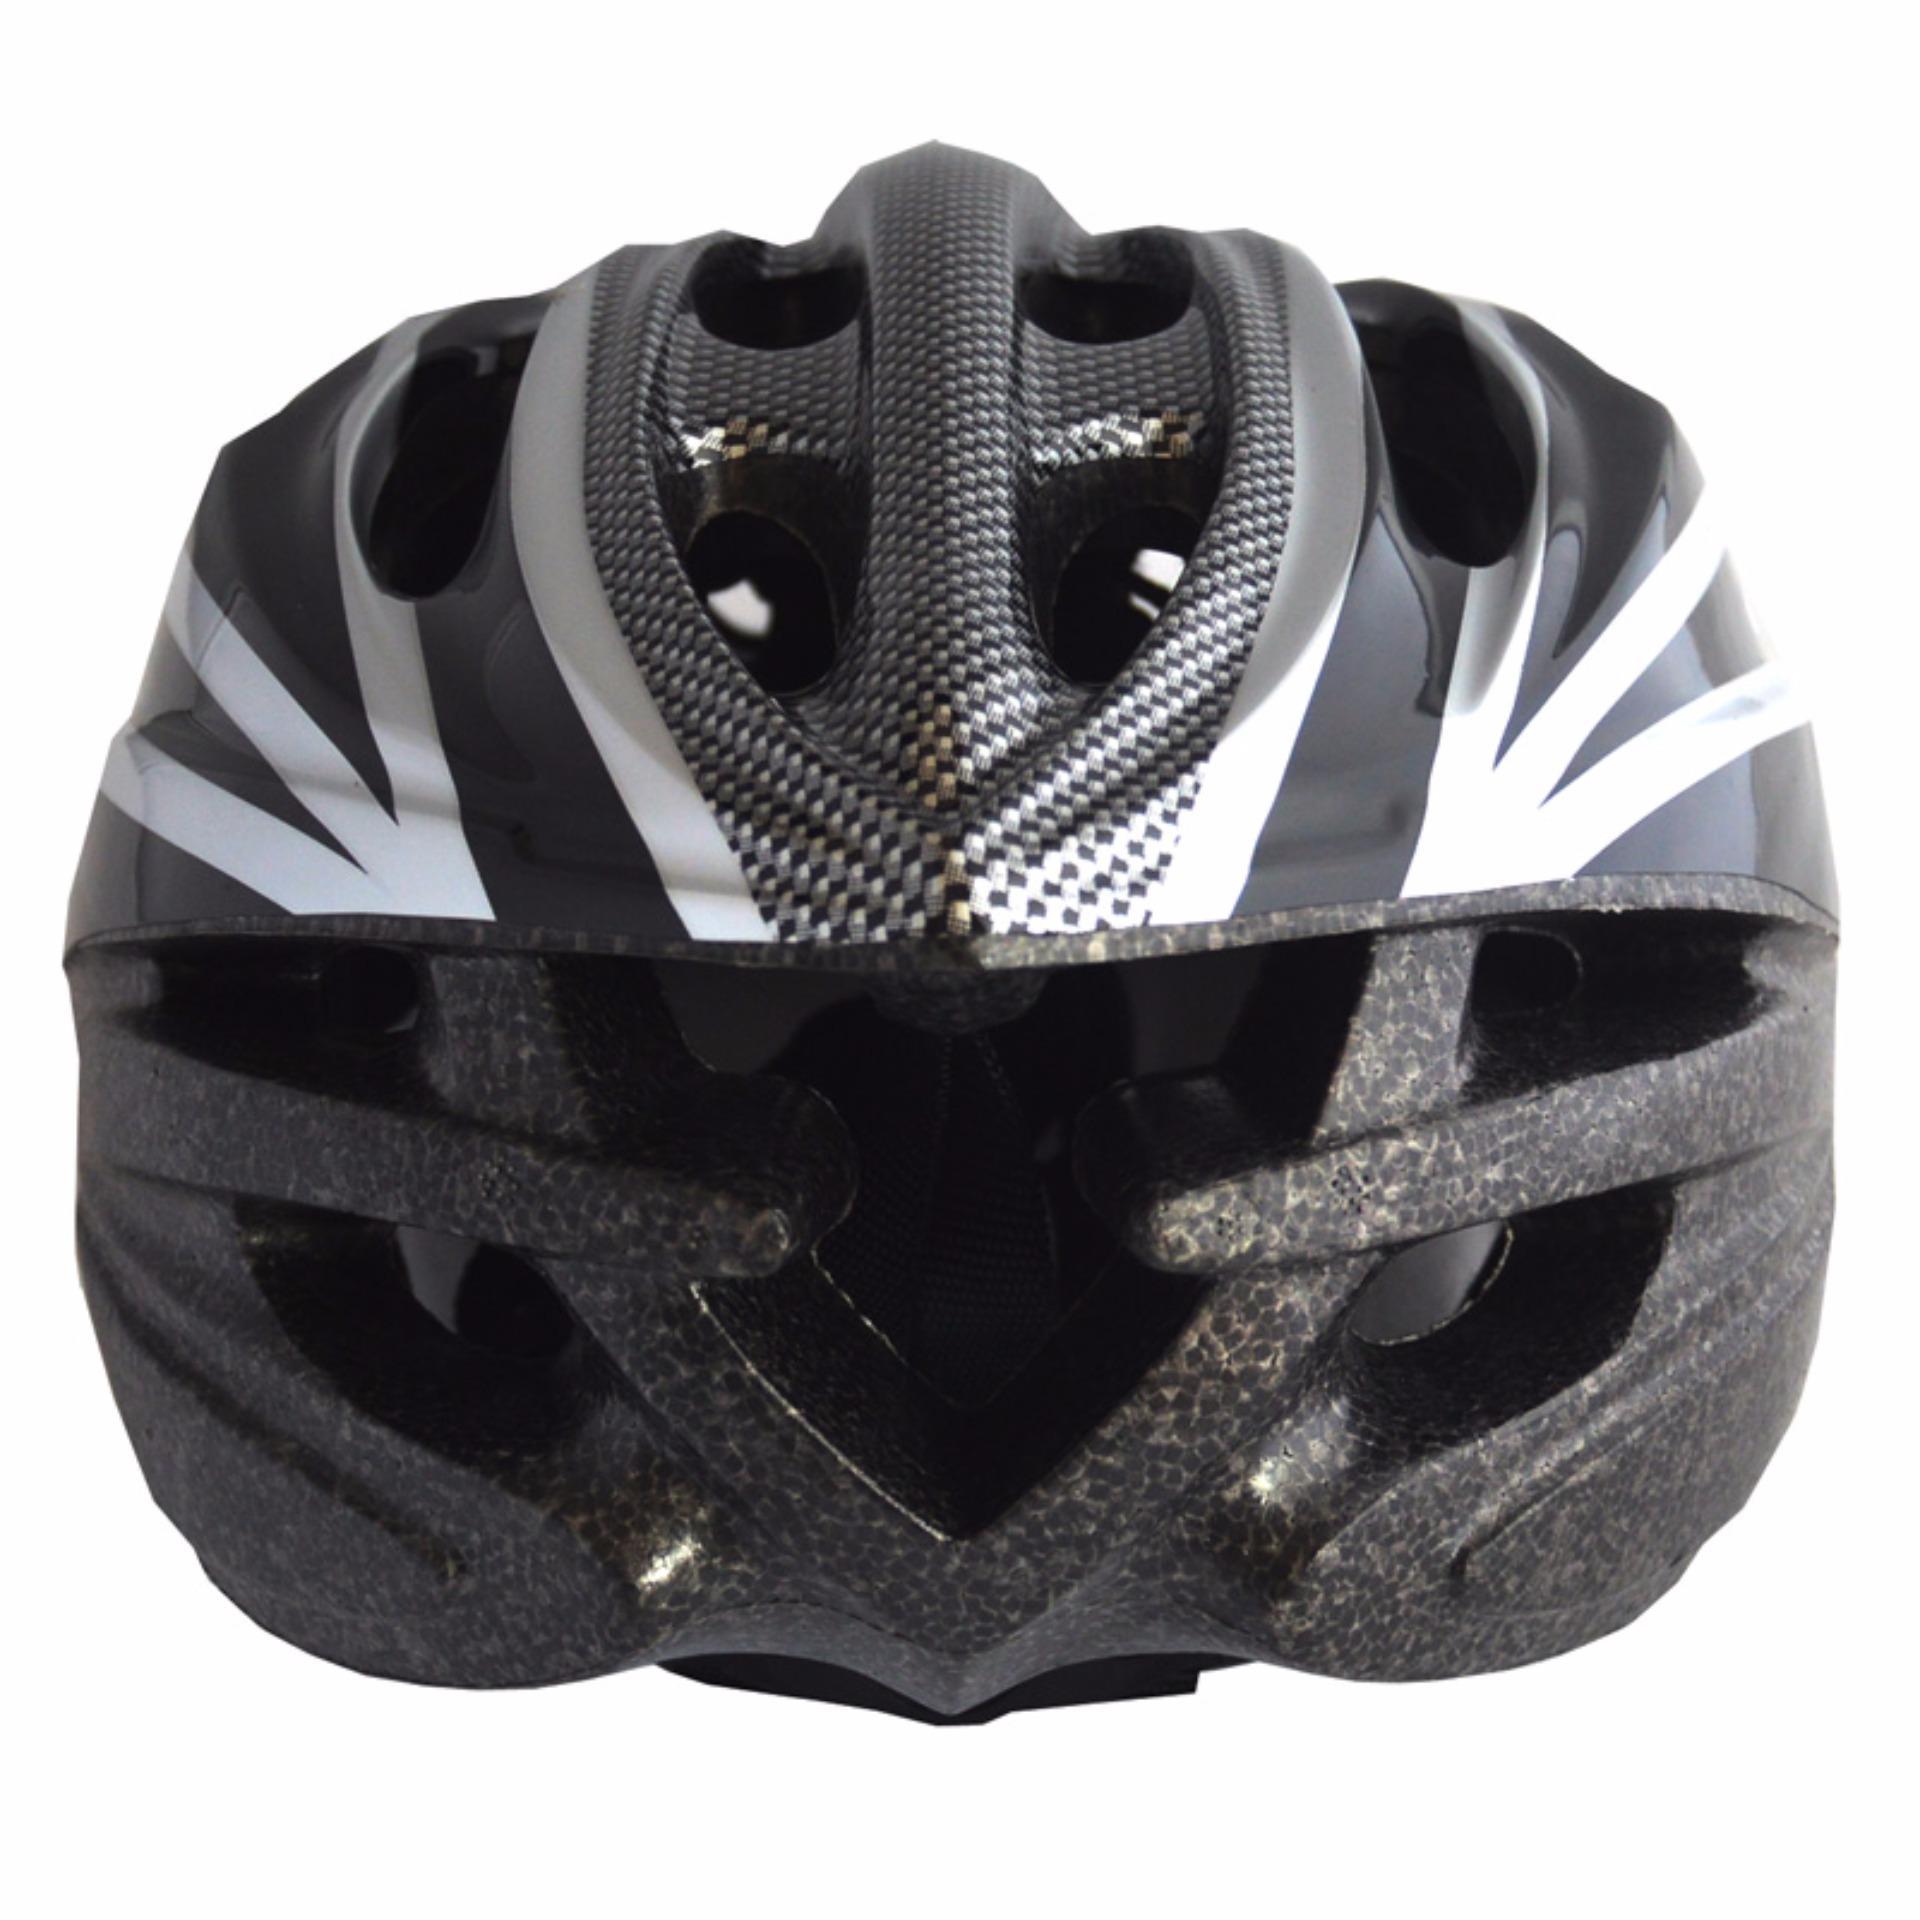 Salah Satu Bagian Sepeda Helm Berkuda Daftar Harga Terbaru Lipat Keren Modis Aman Merk Overade Plixi White Genio G16 Skateboard